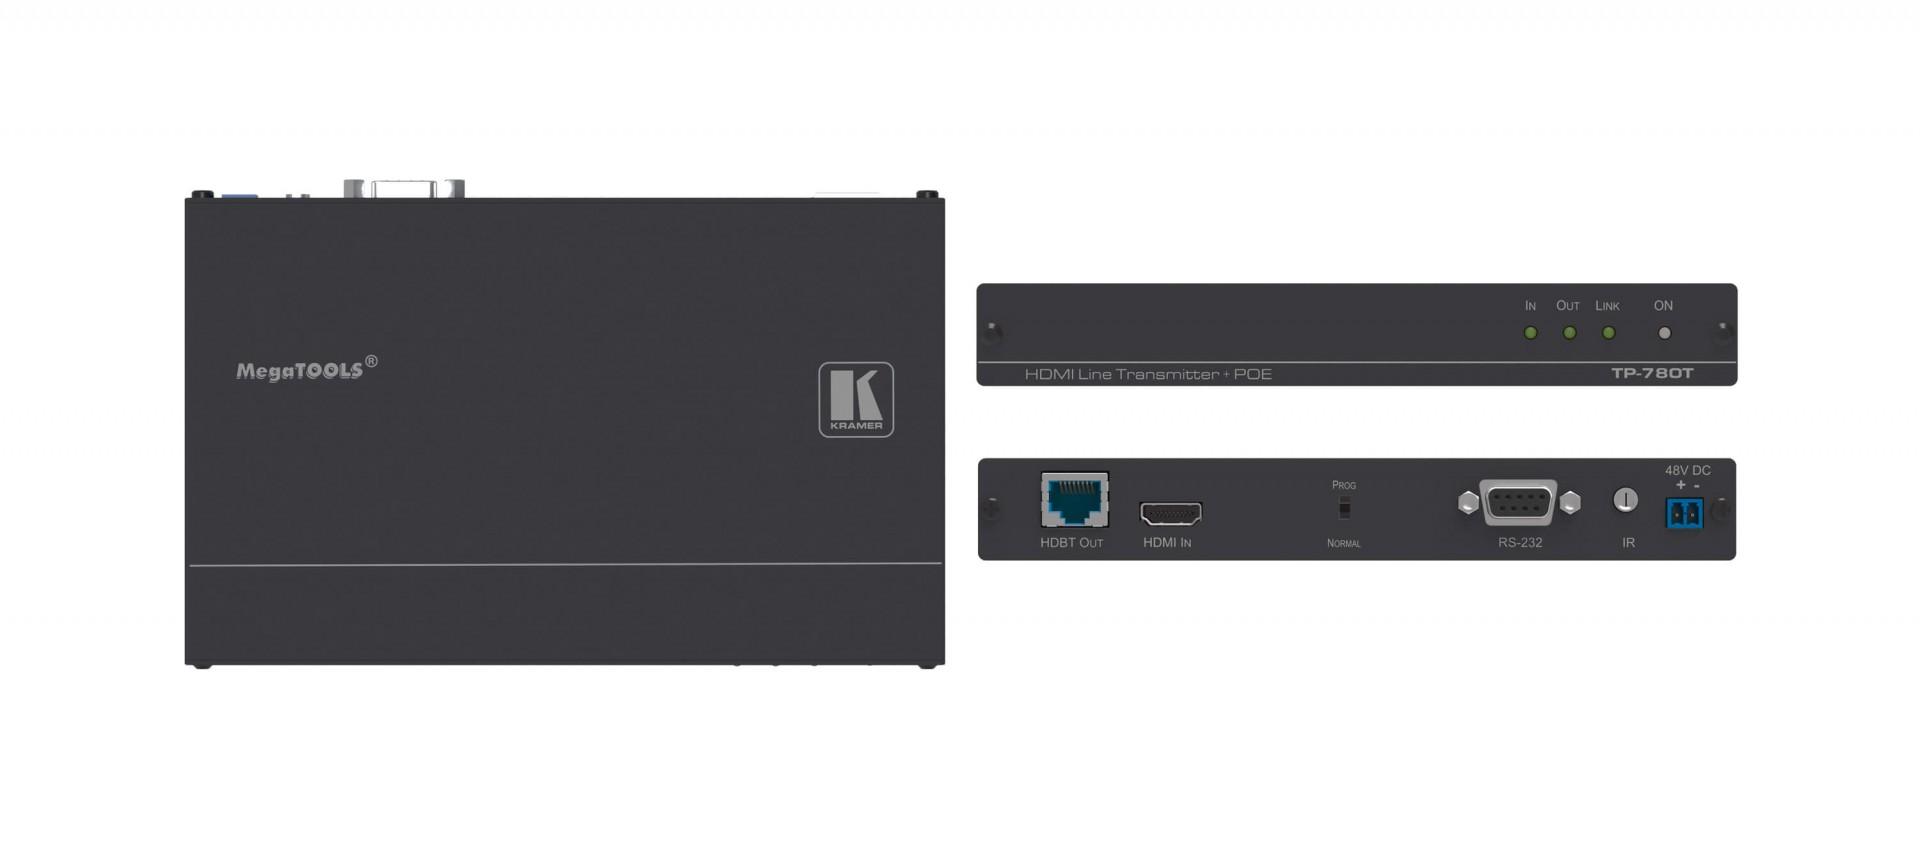 Kramer TP-780T -  4K60 4:2:0 HDMI HDCP 2.2 PoE Transmitter